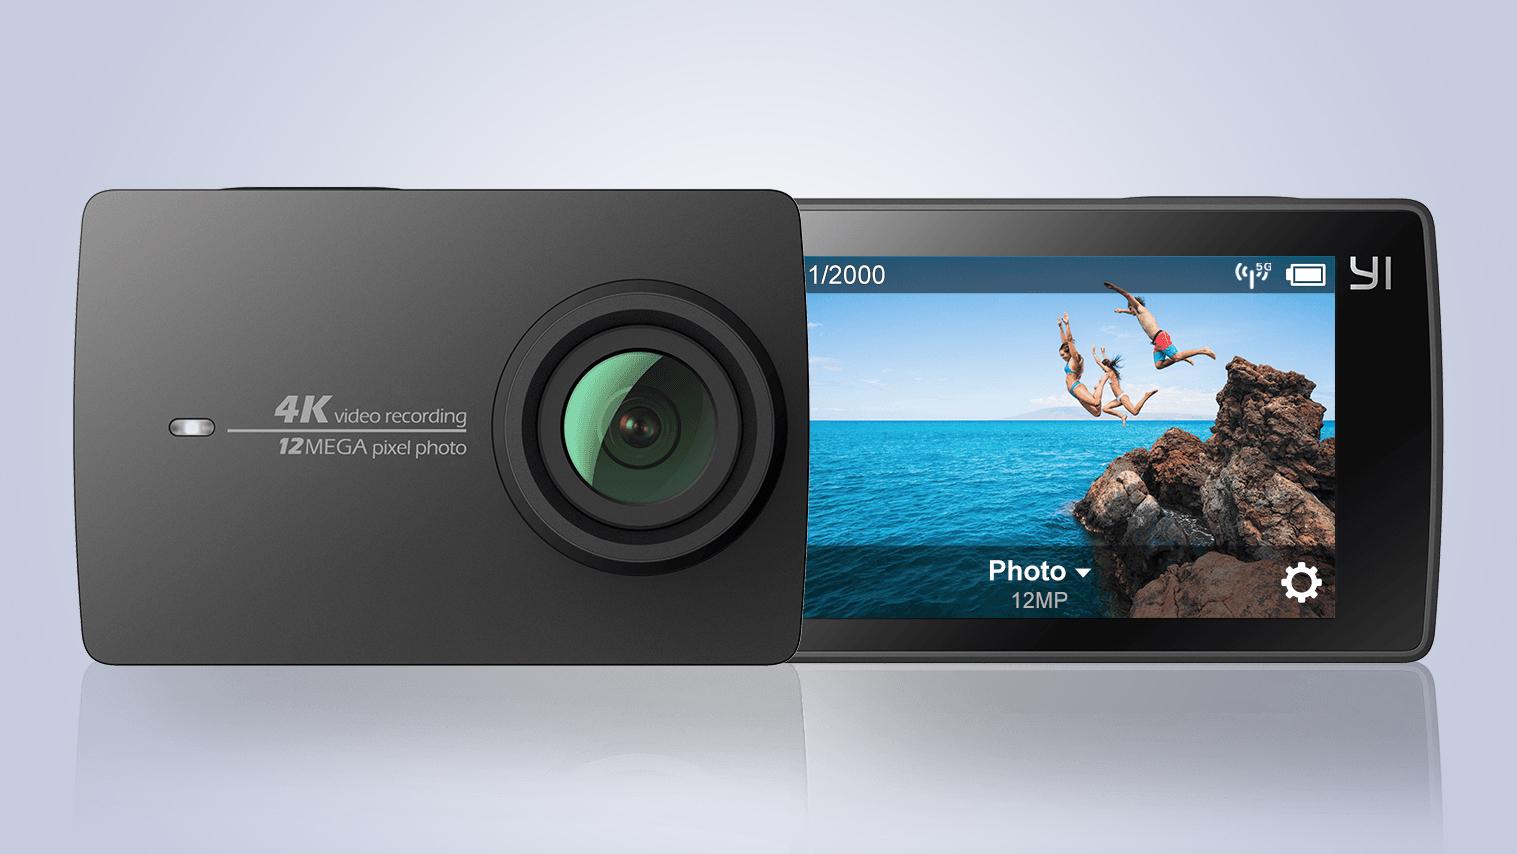 أفضل كاميرا حركة 2019: 10 كاميرات لجيل GoPro 12